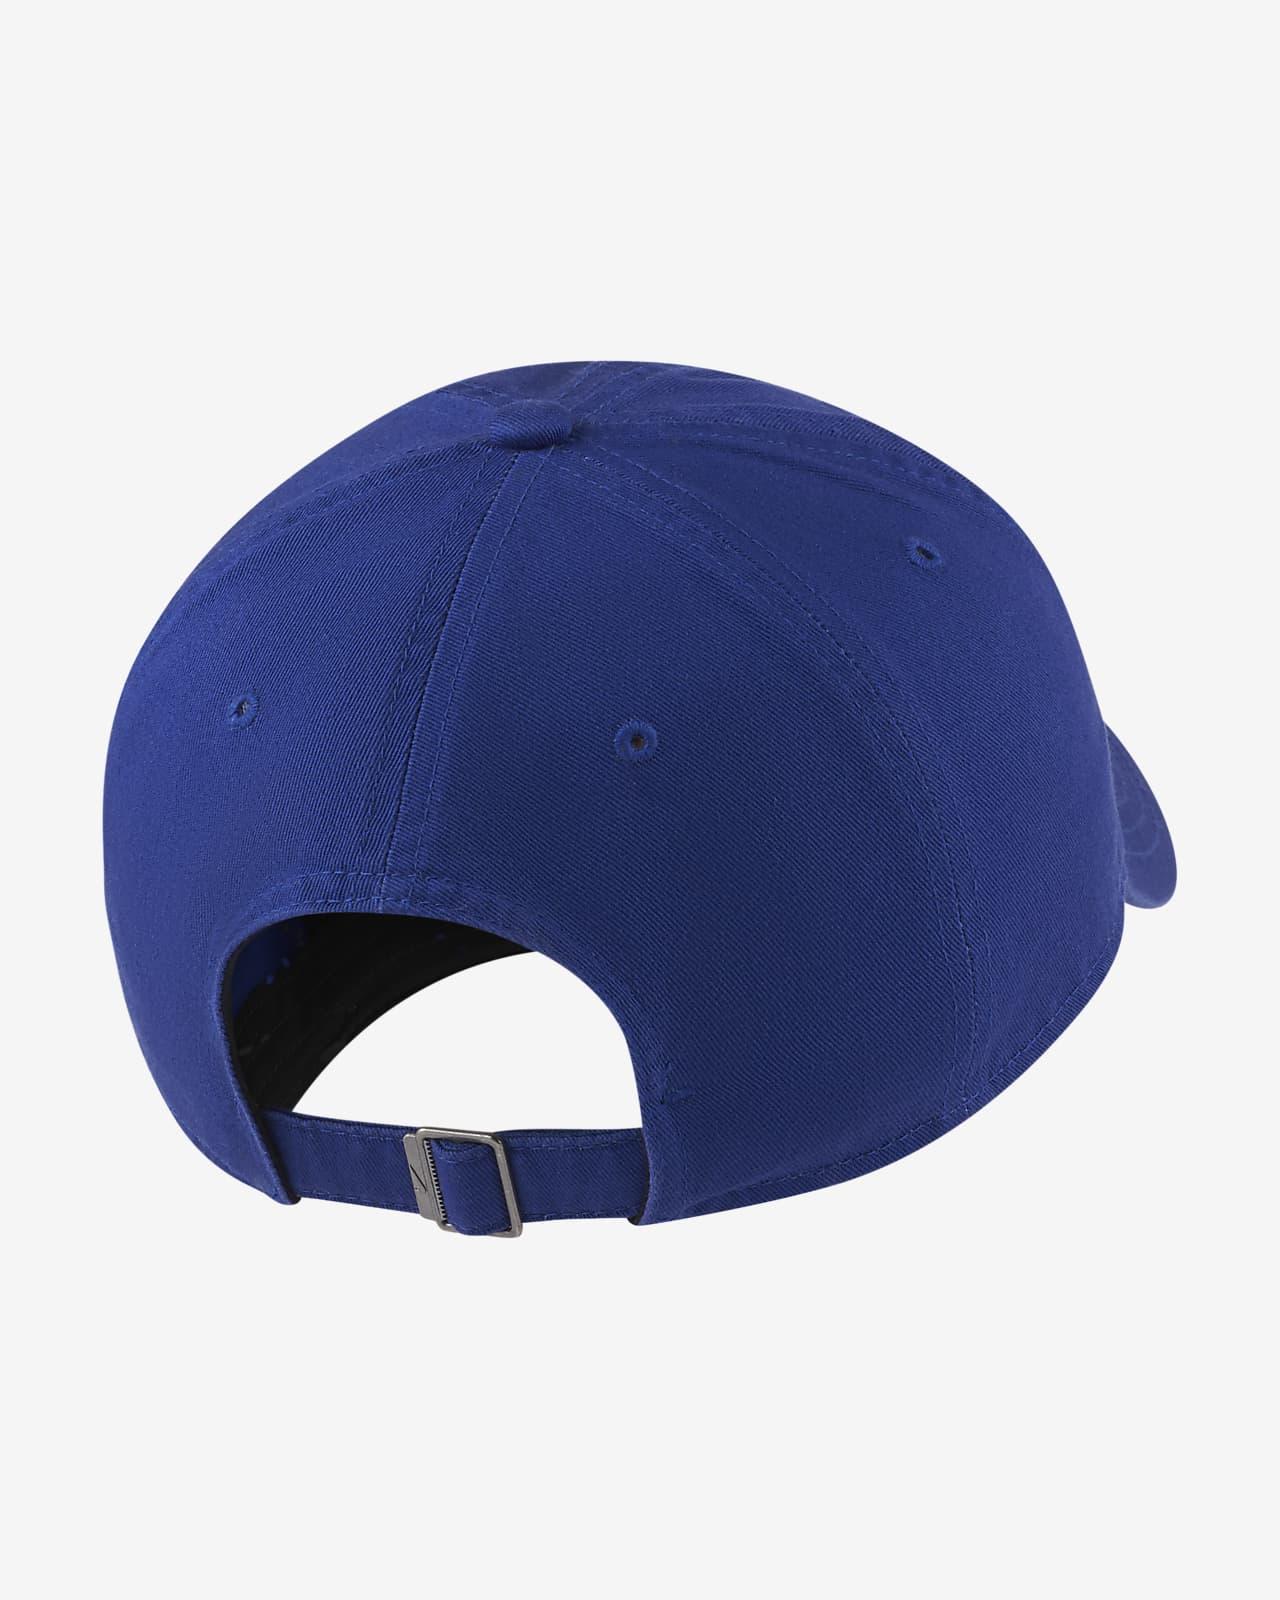 medianos y grandes visera deportiva con agujeros para las orejas gorra deportiva Tangzhan Gorro de b/éisbol para perro correa para la barbilla para perros peque/ños